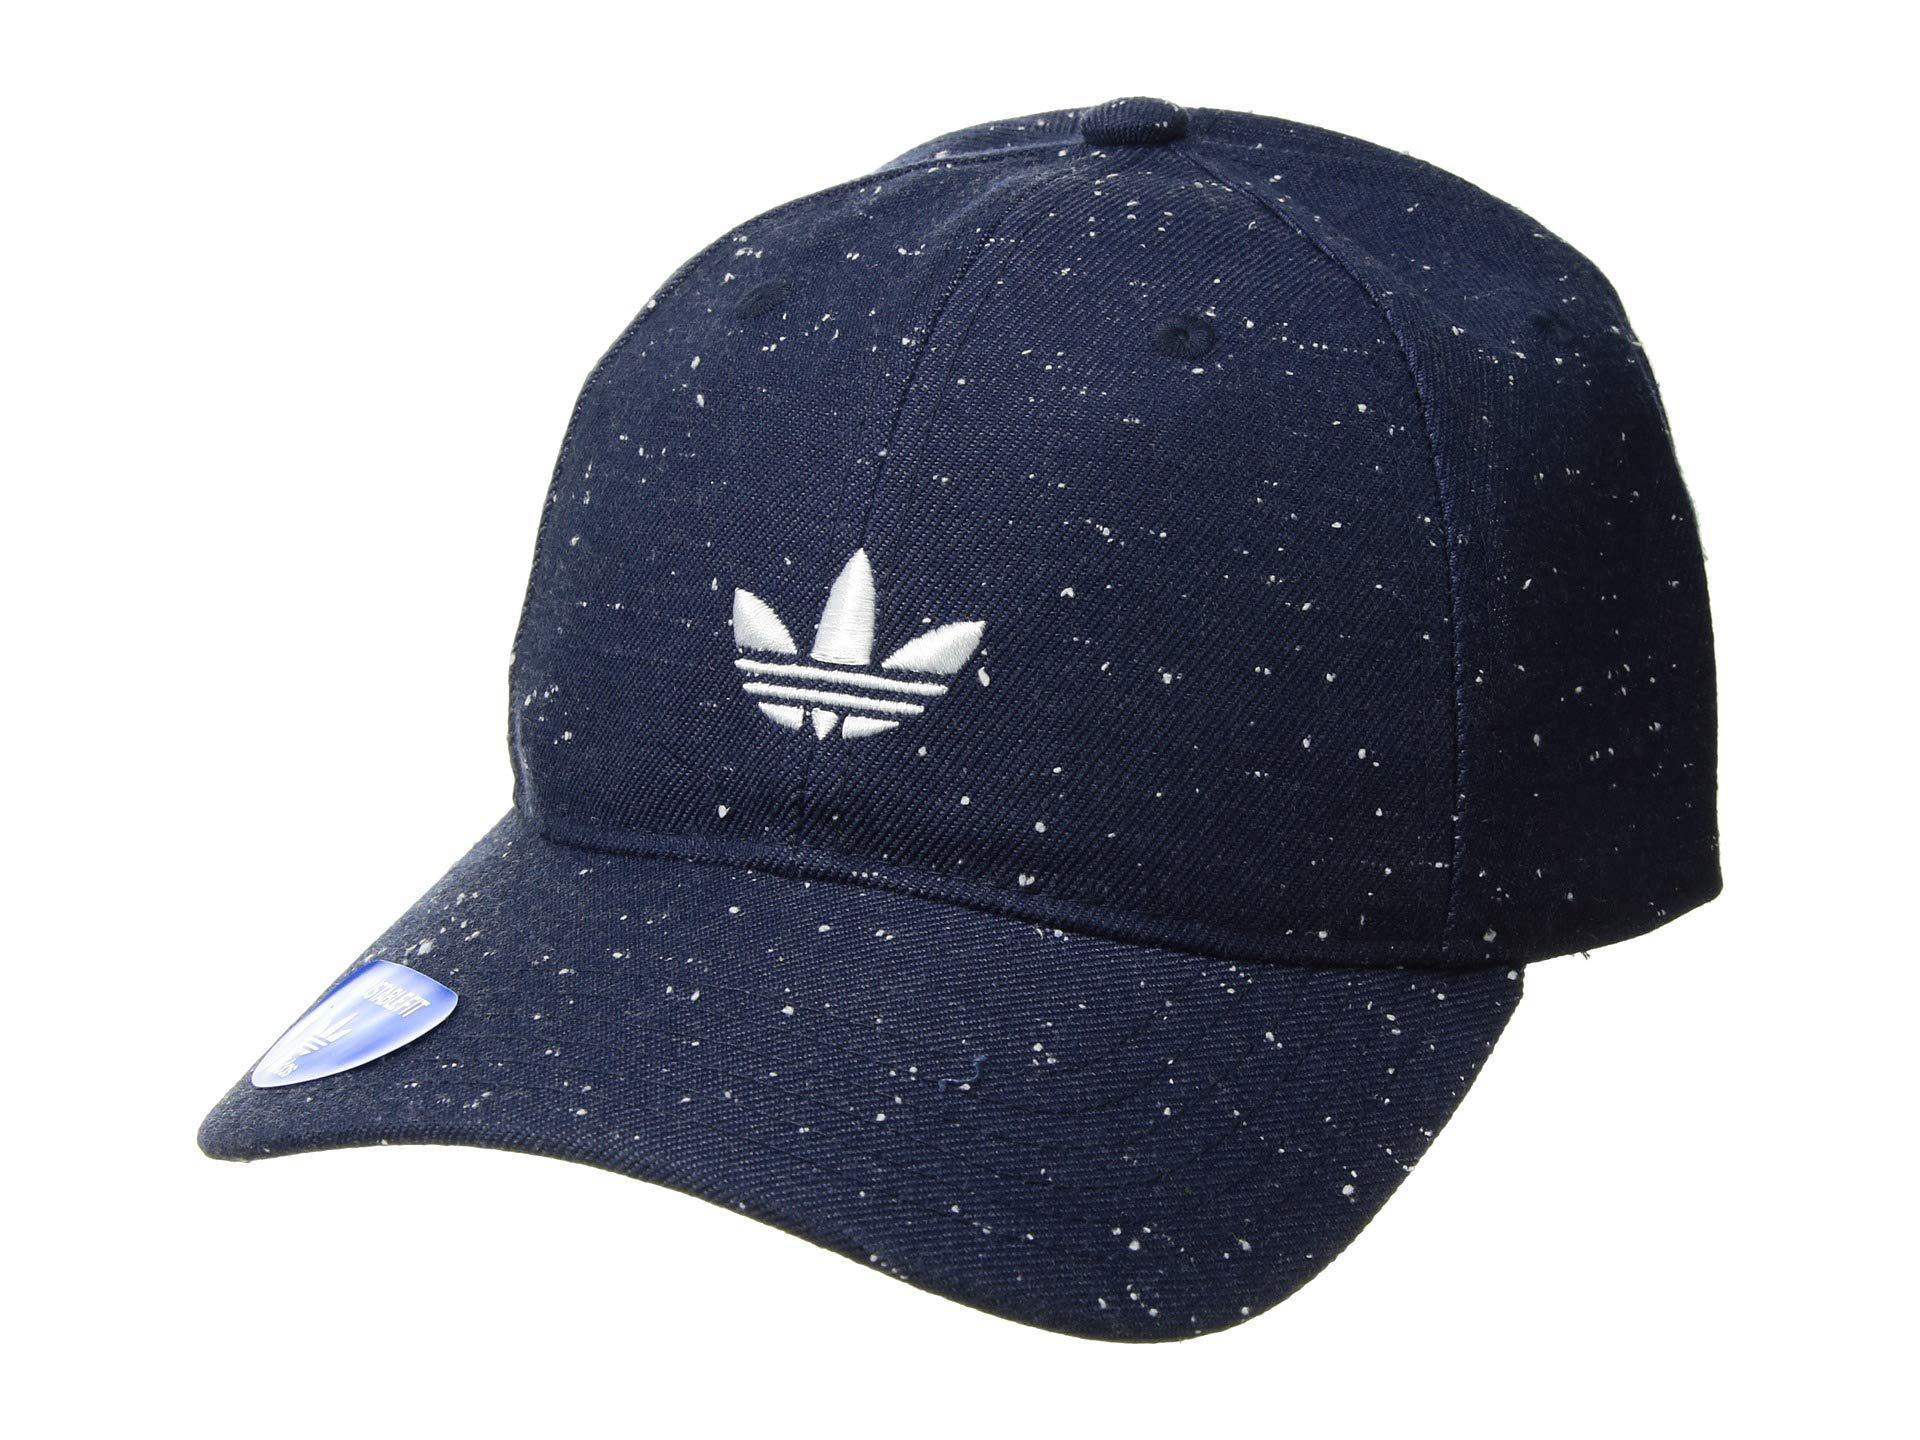 97af476f73ab8 adidas Originals. Men s Blue Originals Relaxed Wool Strapback (collegiate  Navy white) Caps